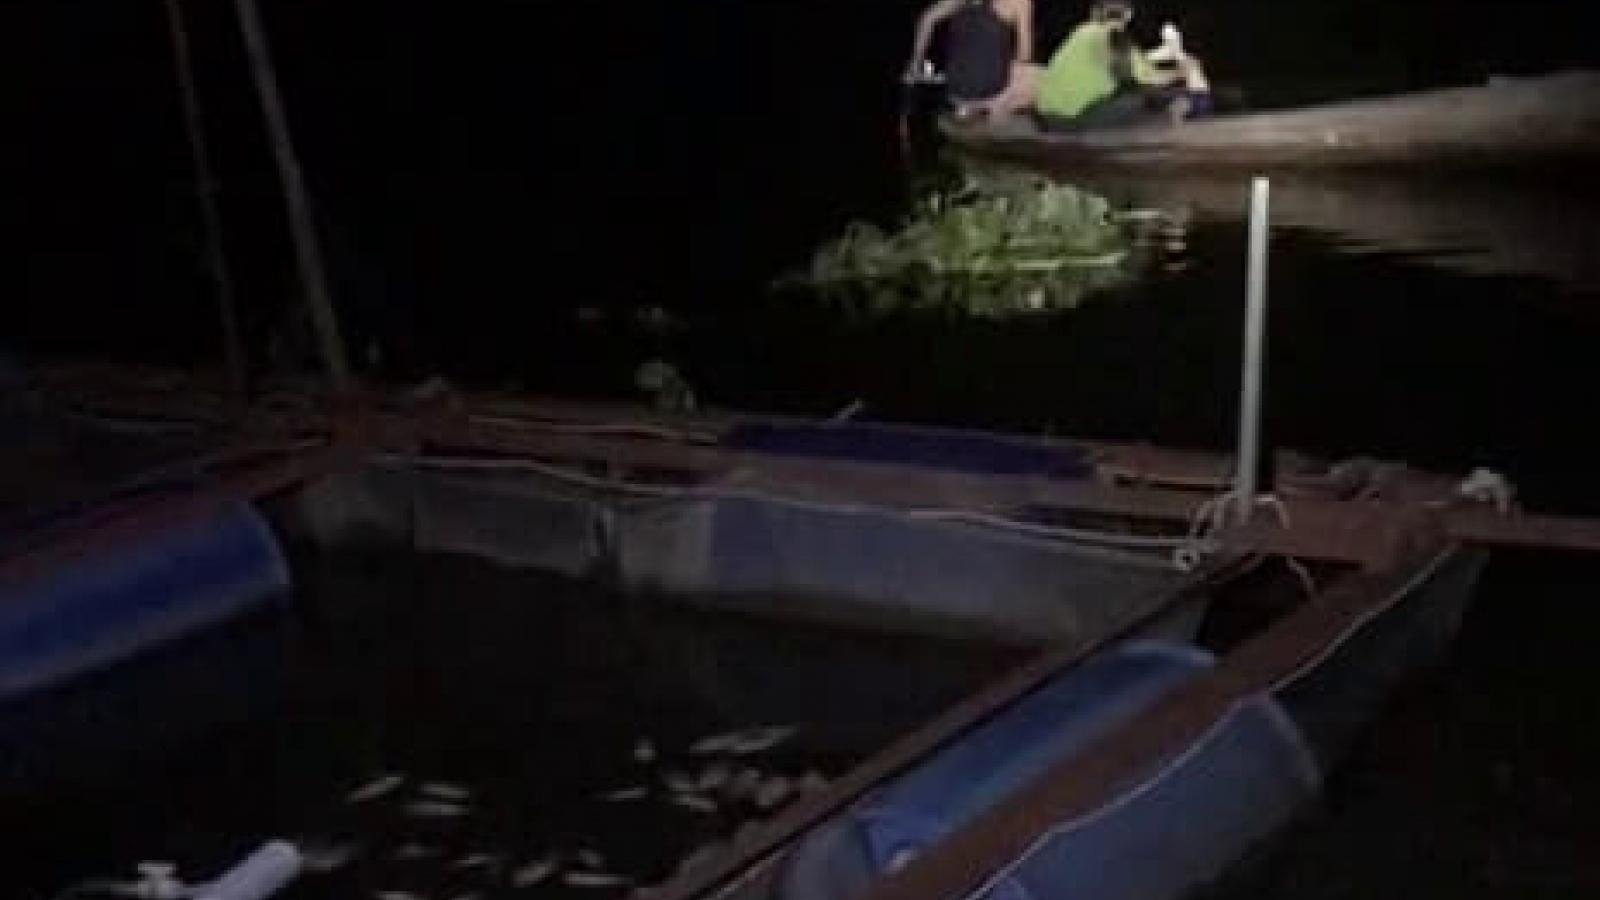 Đi chài bắt cá, một người bị điện giật tử vong